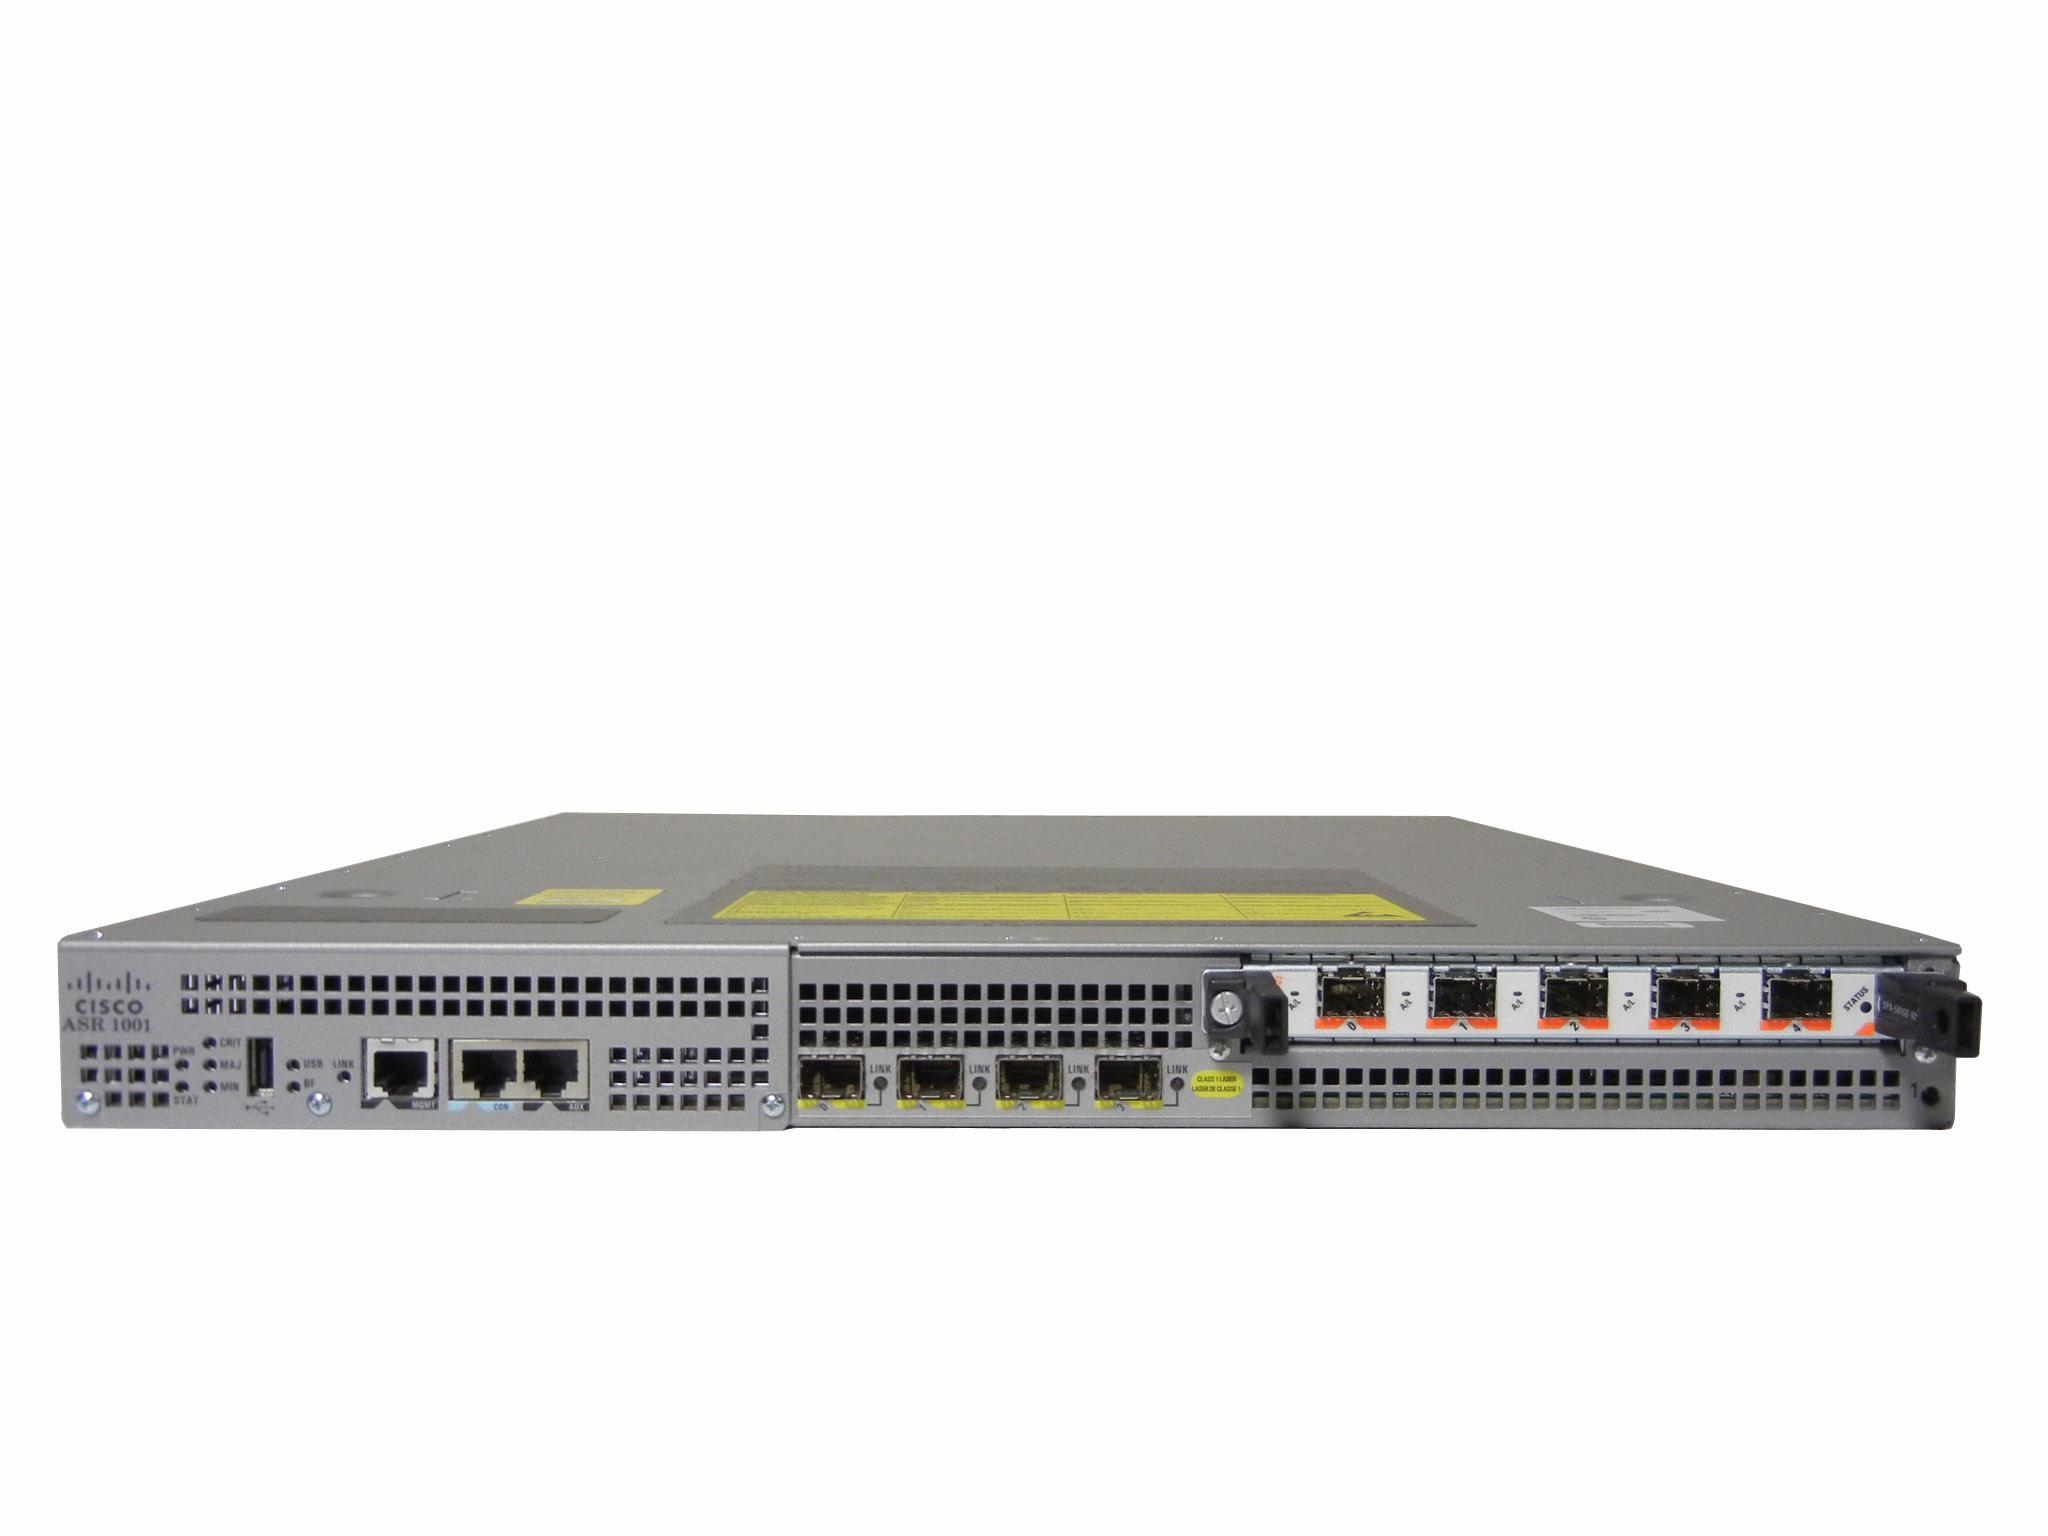 【中古】Cisco ASR 1001 アグリゲーションサービスルータ SPA-5X1GE-V2モジュール付き (ipbase)